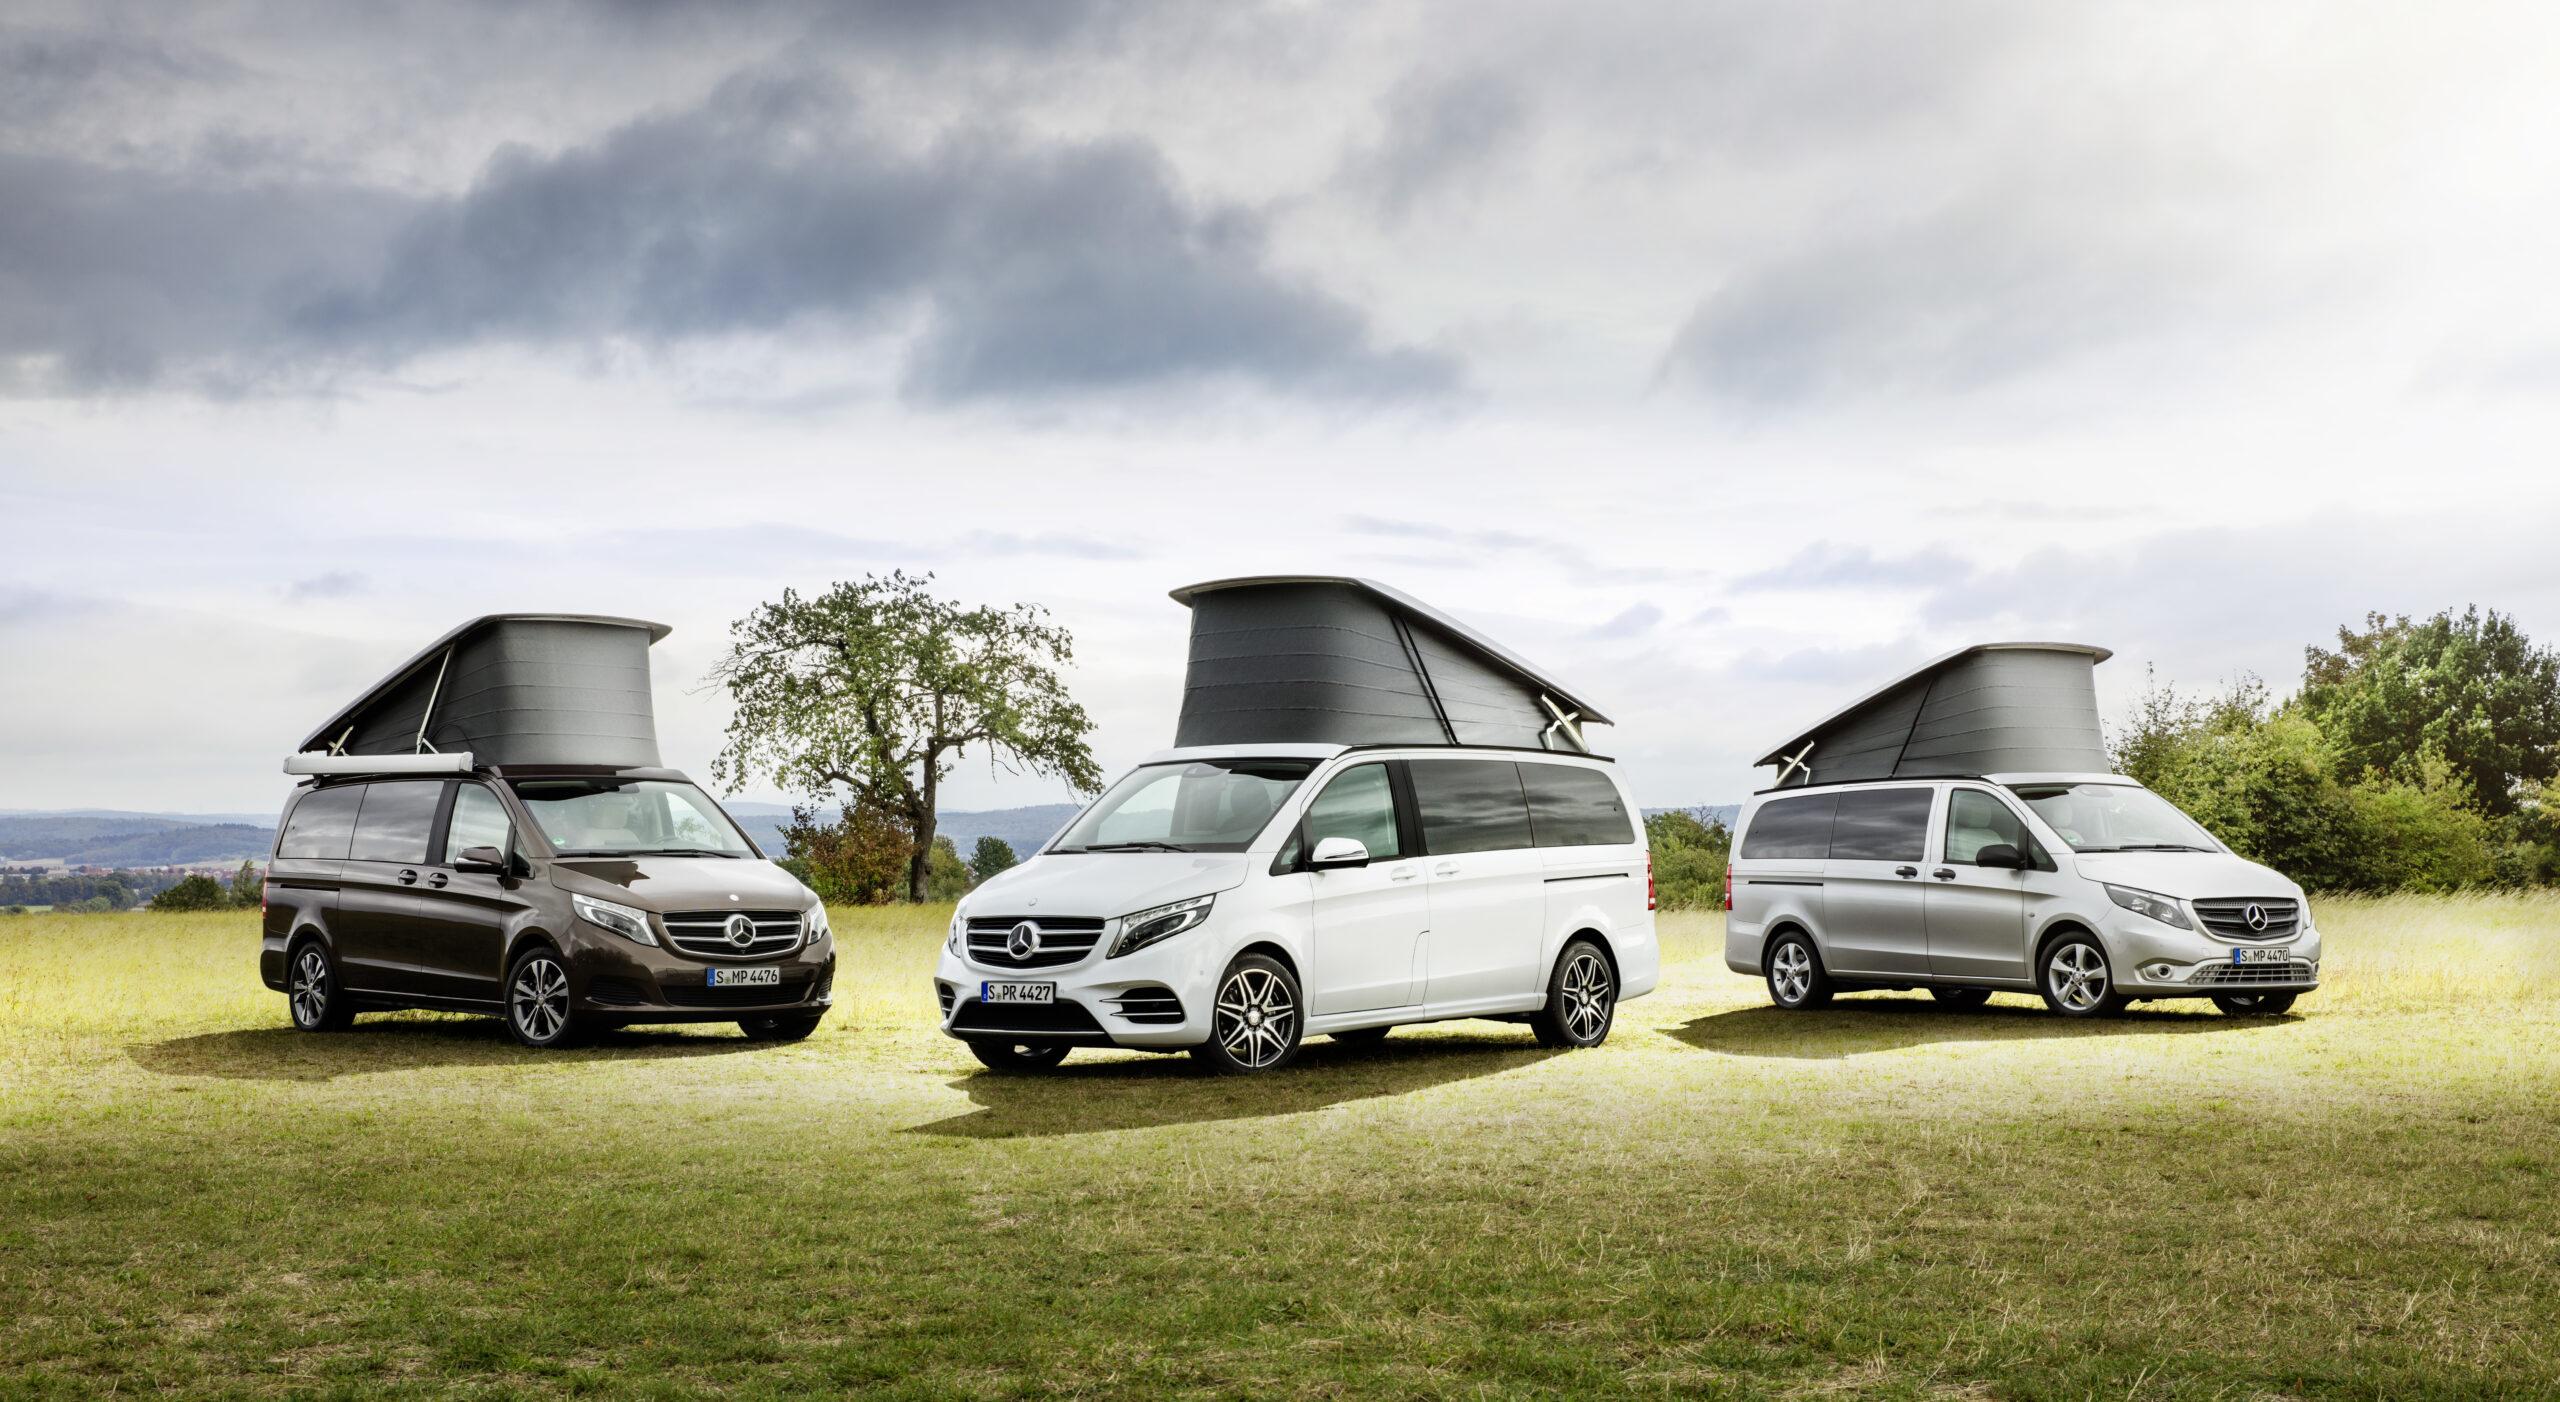 Mercedes Marco Polo Horizon: para las familias aventureras